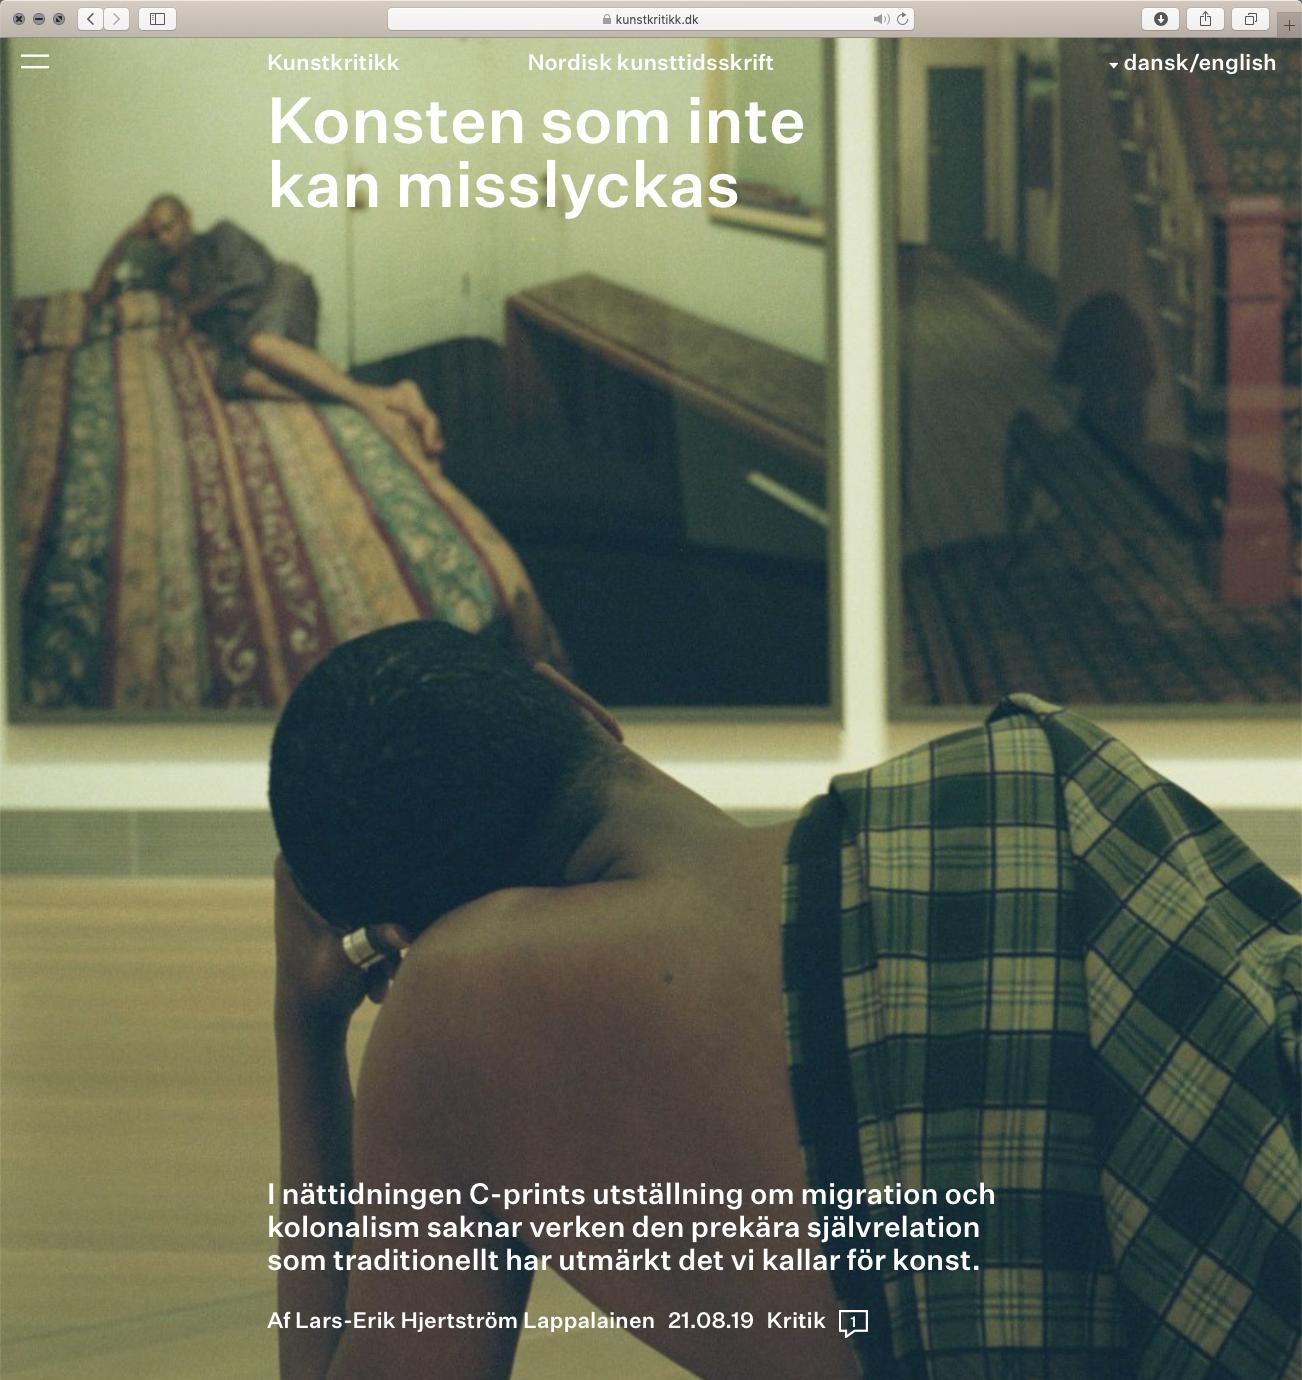 """""""Kunstkritikk"""" review of 'Absolute Affirmation'https://kunstkritikk.se/konst-som-inte-kan-misslyckas/ - Av Lars-Erik Hjertström Lappalainen 21.08.19"""